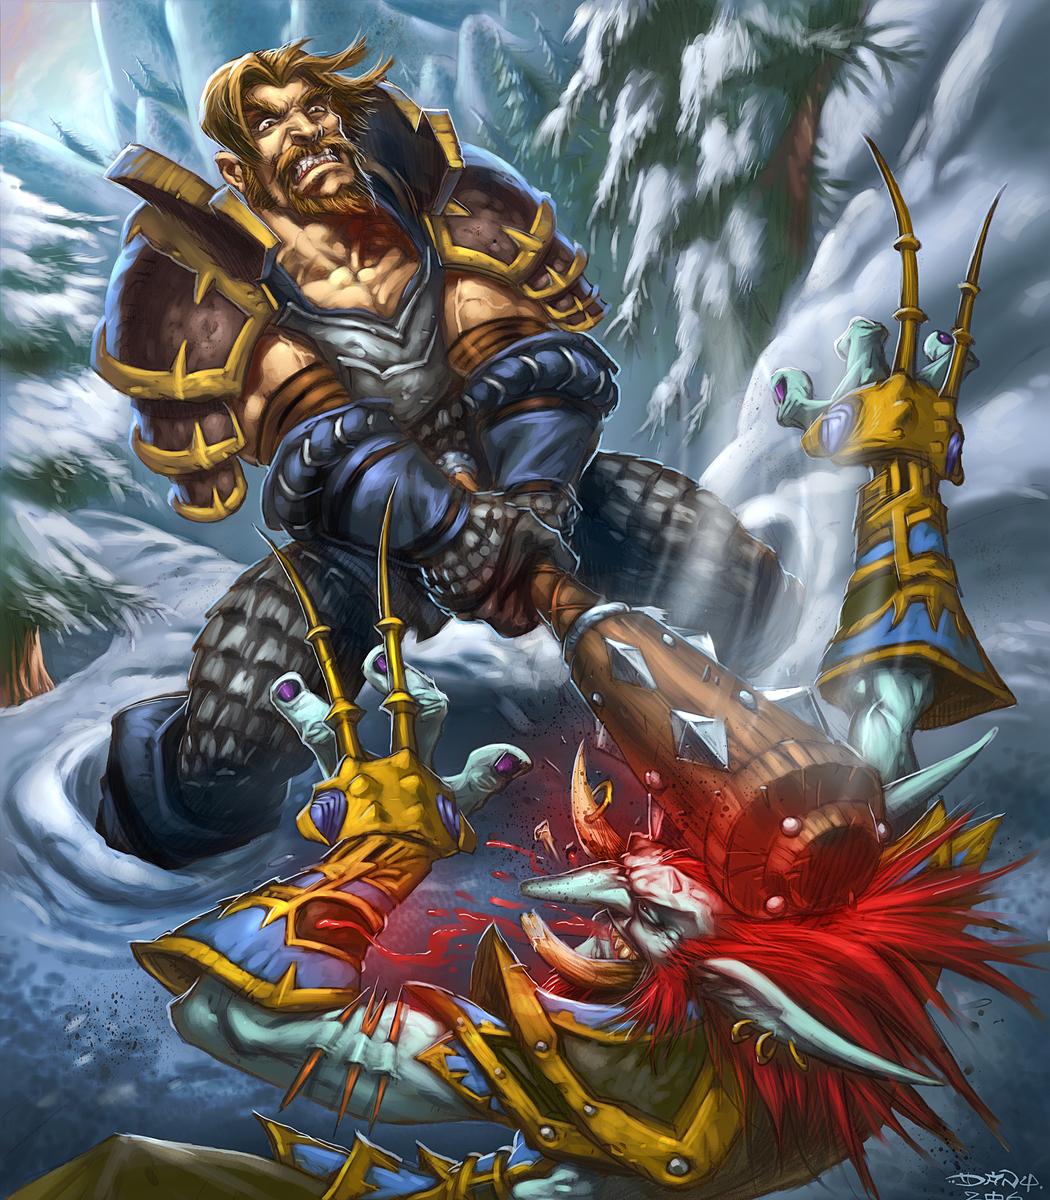 Humans Warcraft porncraft gallery